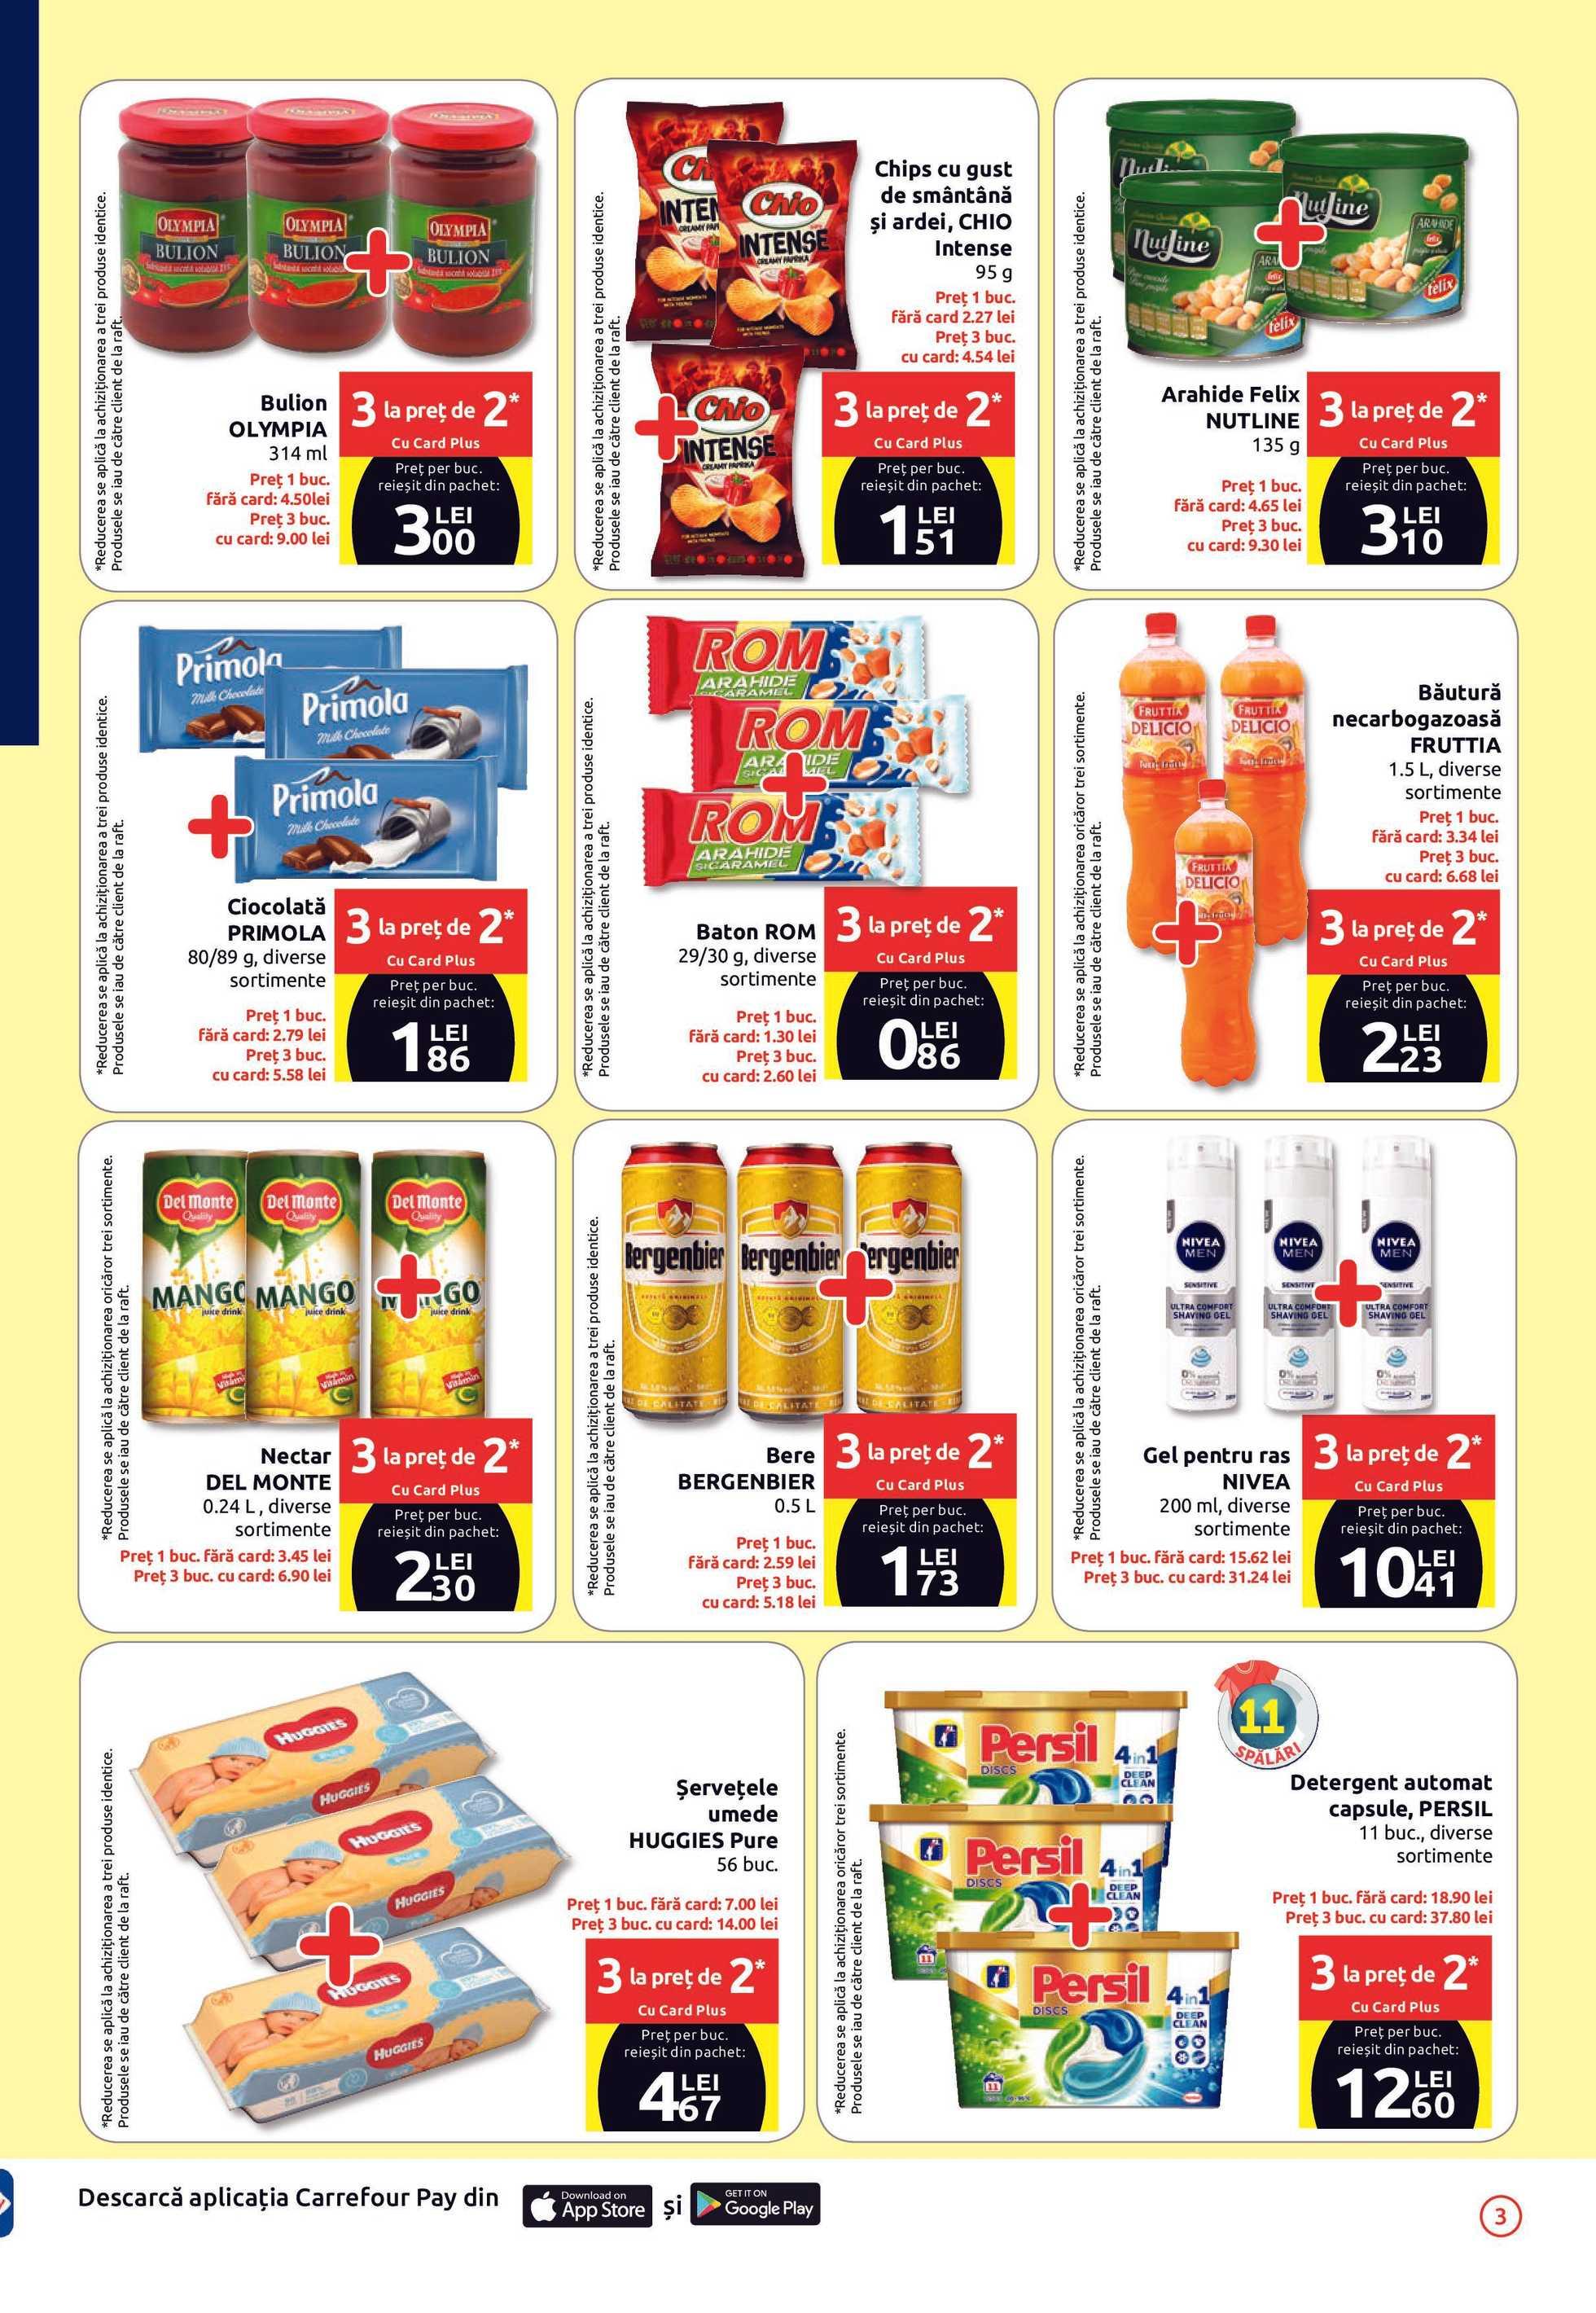 Carrefour Market - promo începând de la 14.11.2019 până la 20.11.2019 - pagină 3.